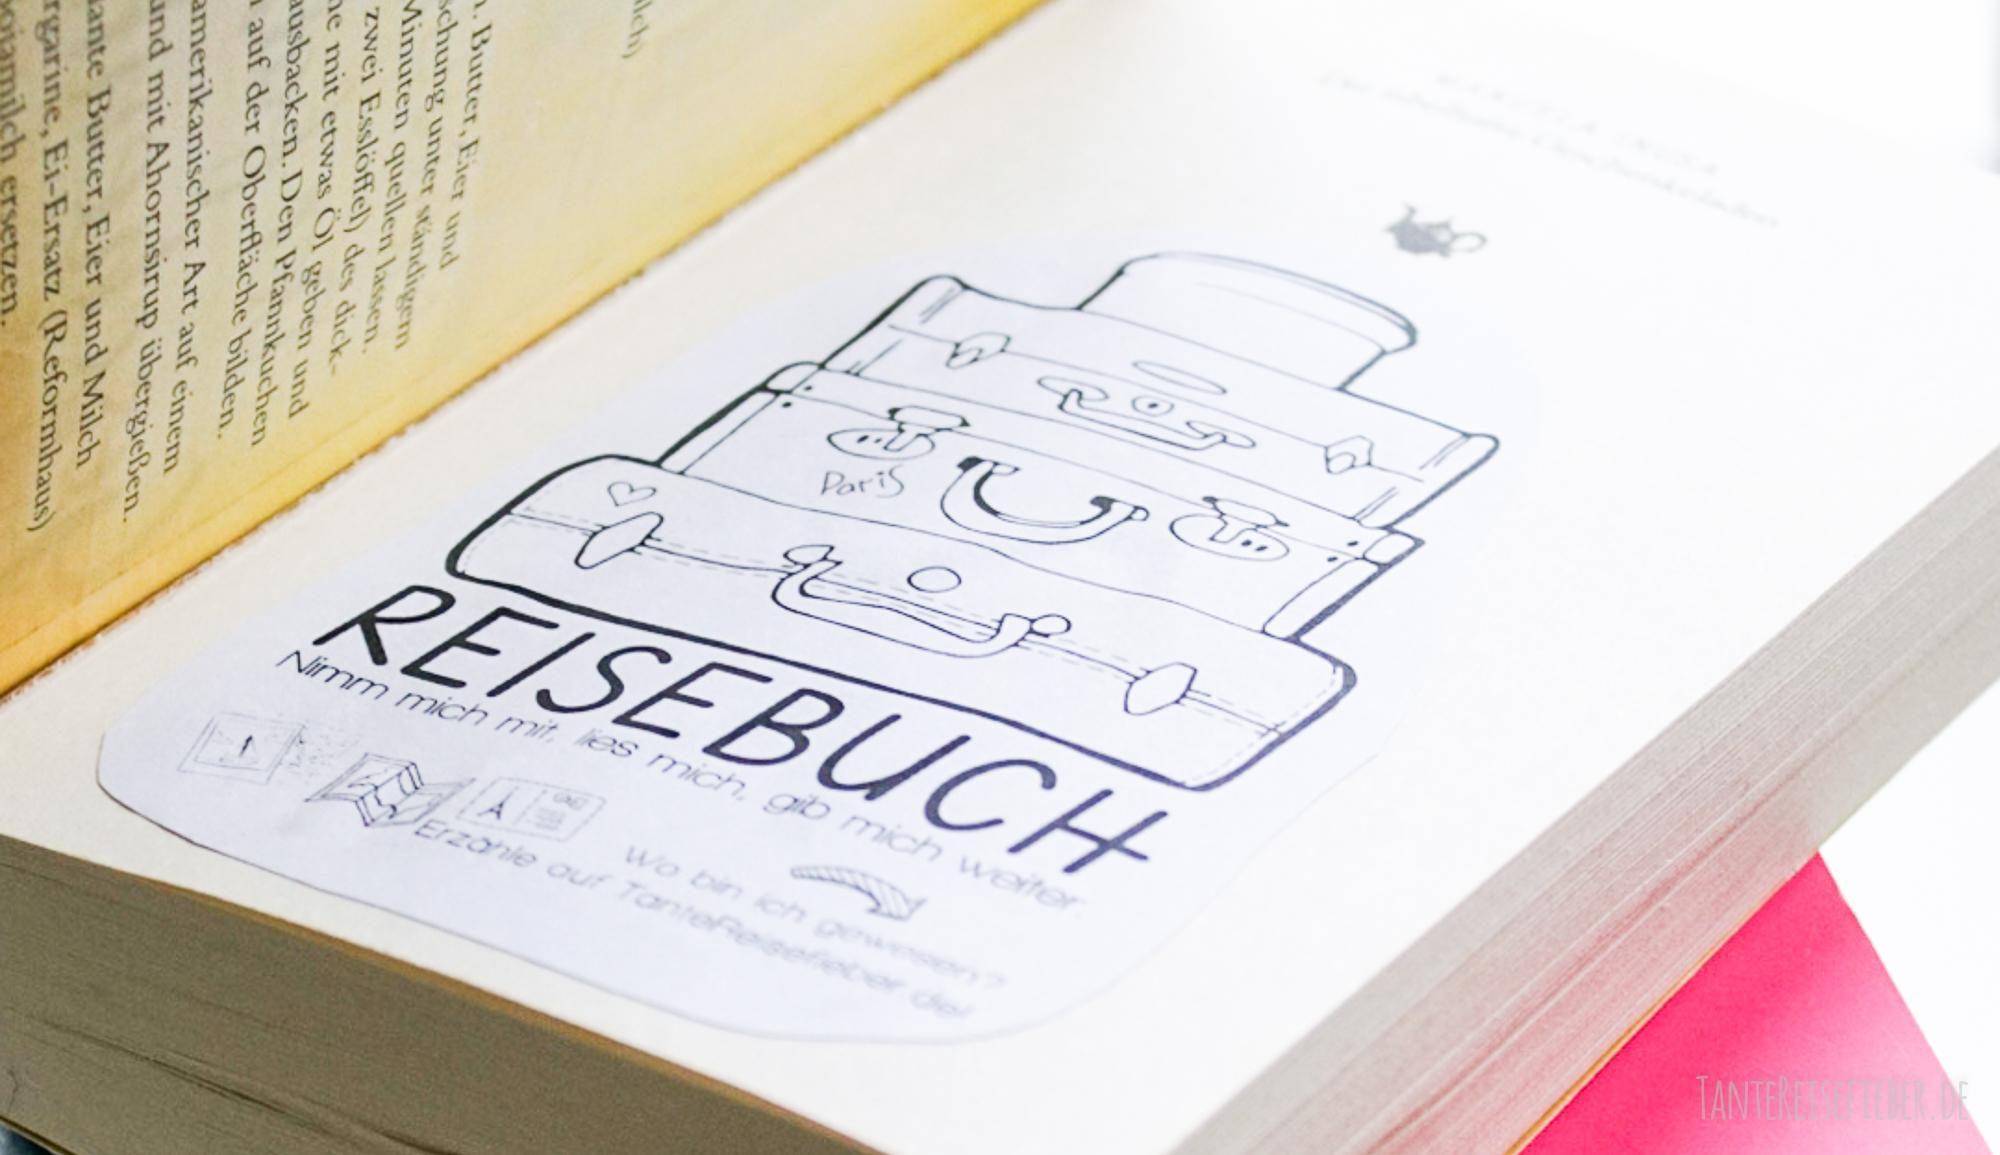 Reisebücher: Und wenn das Buch auf Reise geht